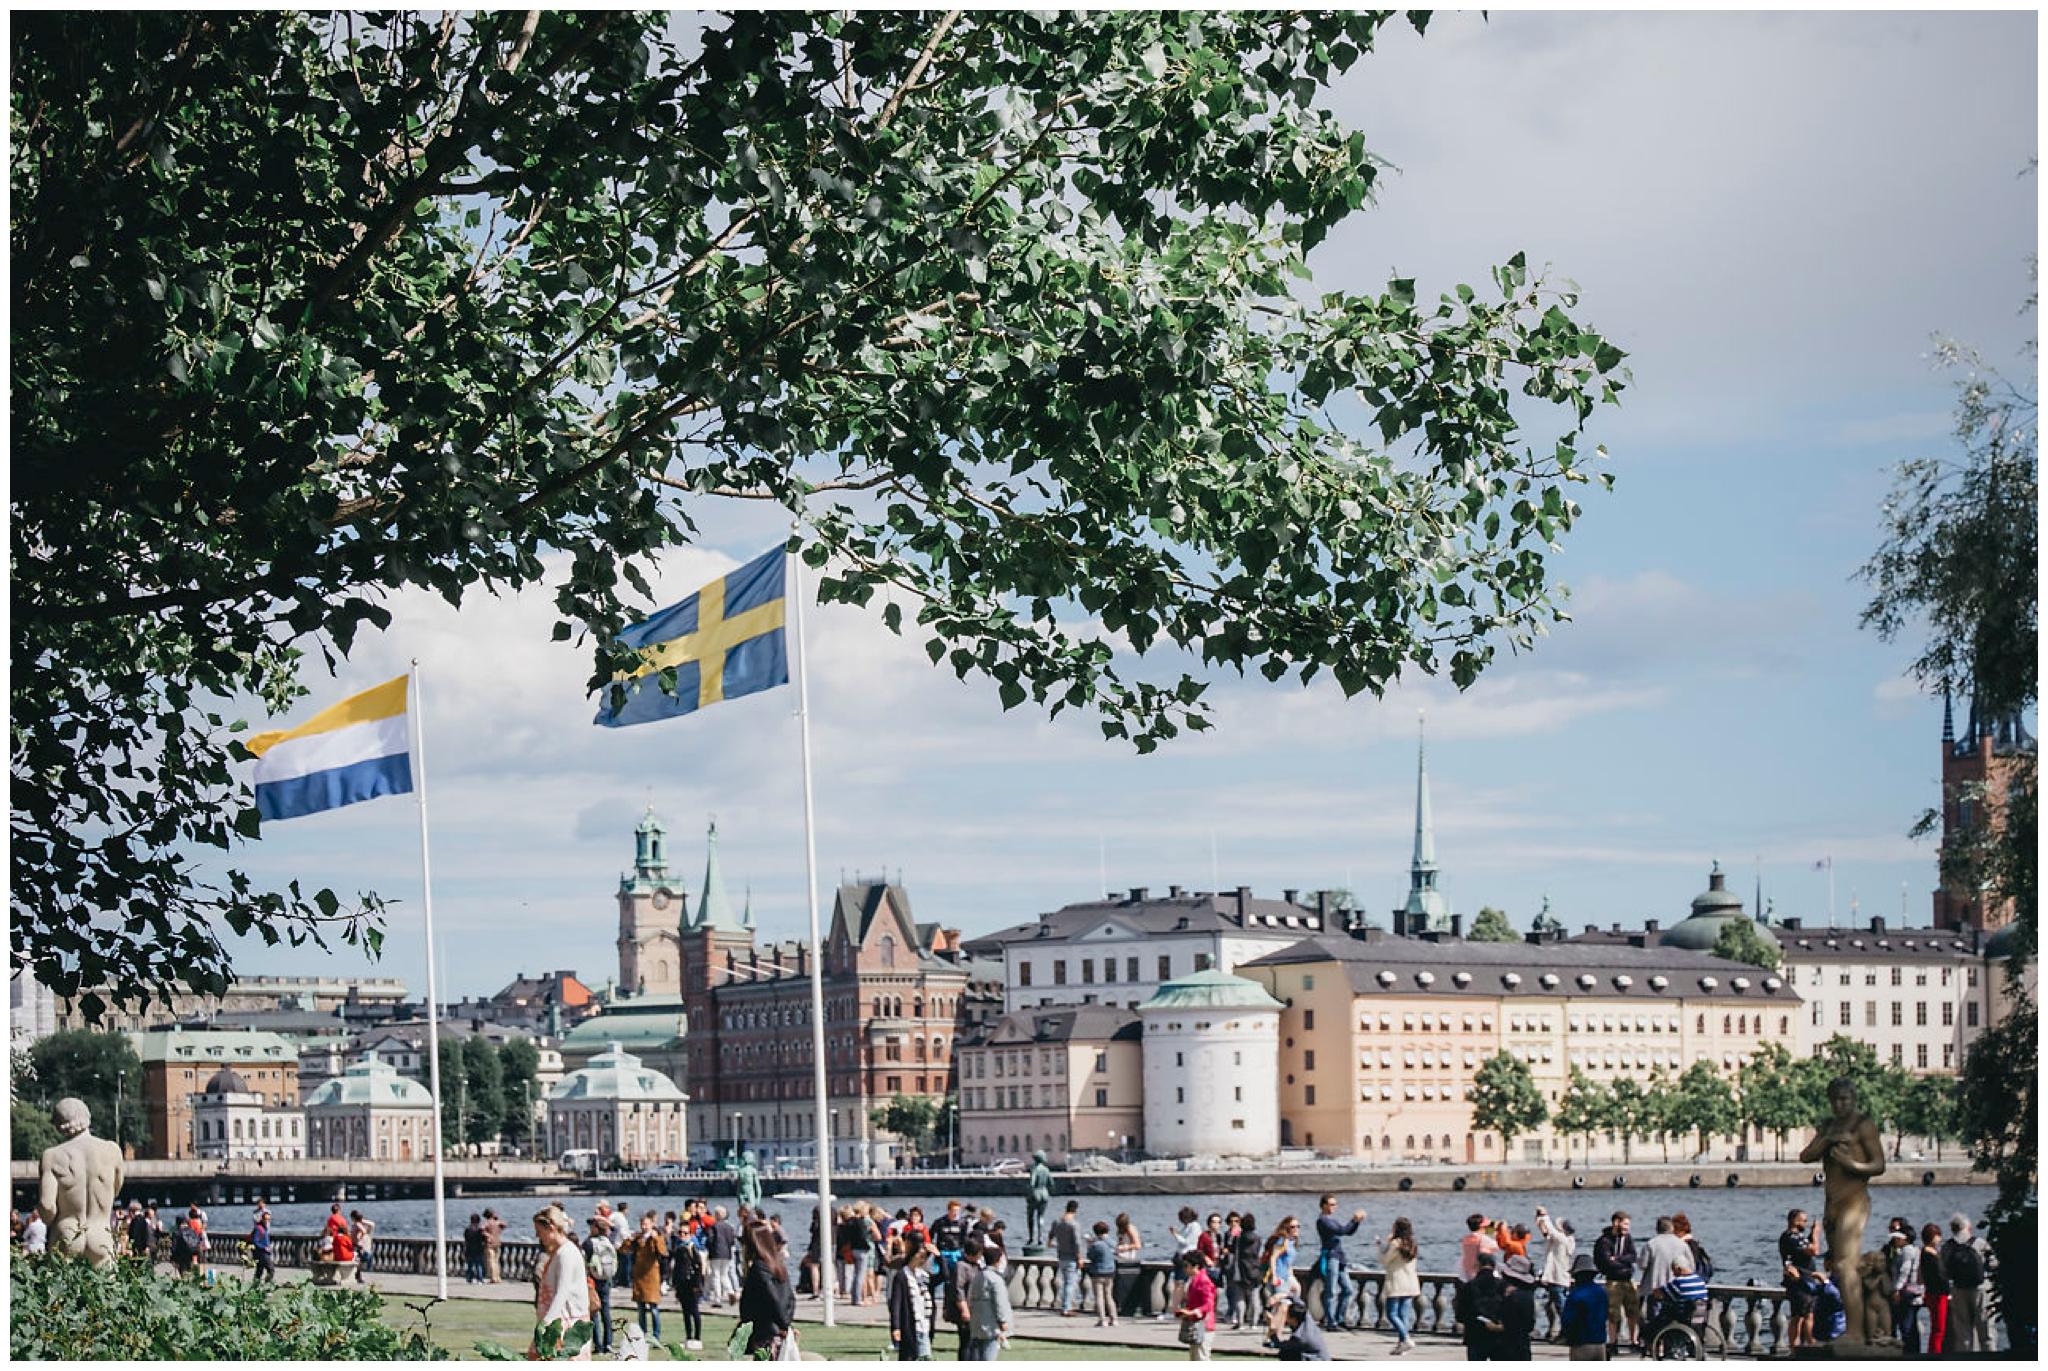 brollopsfotograf stadshuset stockholm_brollopsfotografering_brollopsfotograf vallentuna_brollop i stockholm_cecilia pihl_linda rehlin